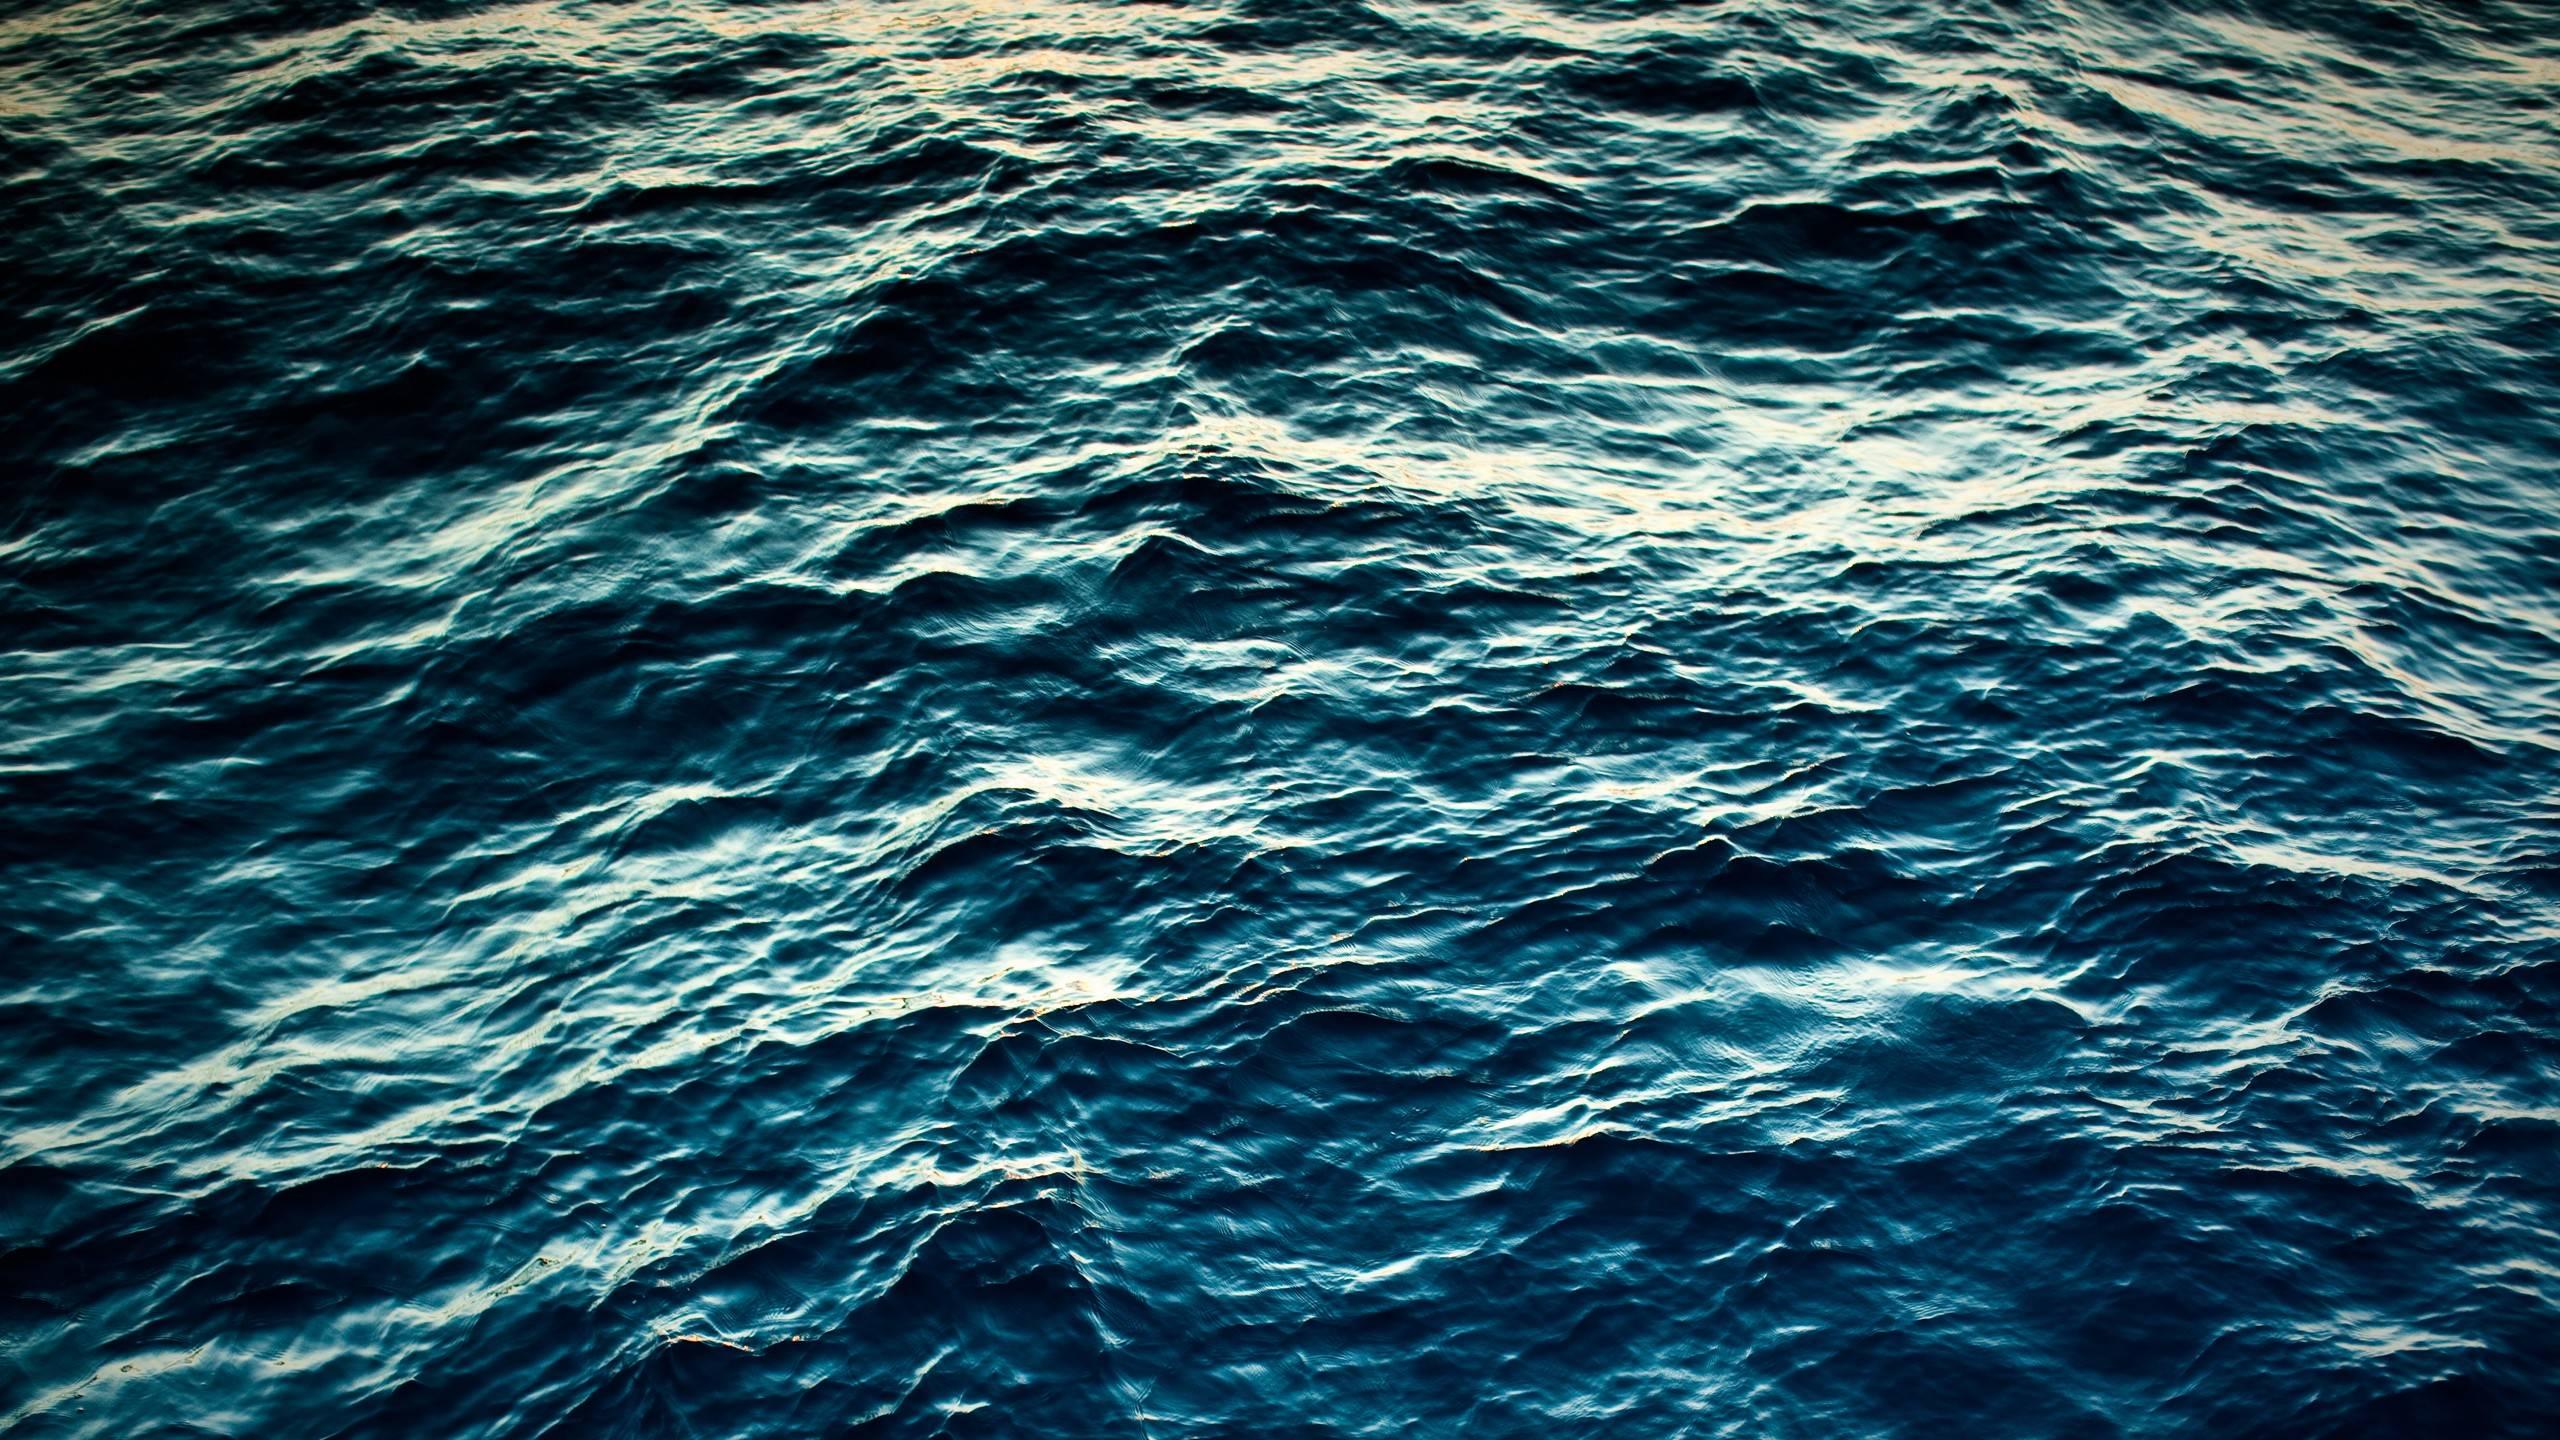 Ocean Water Wallpapers 2560x1440